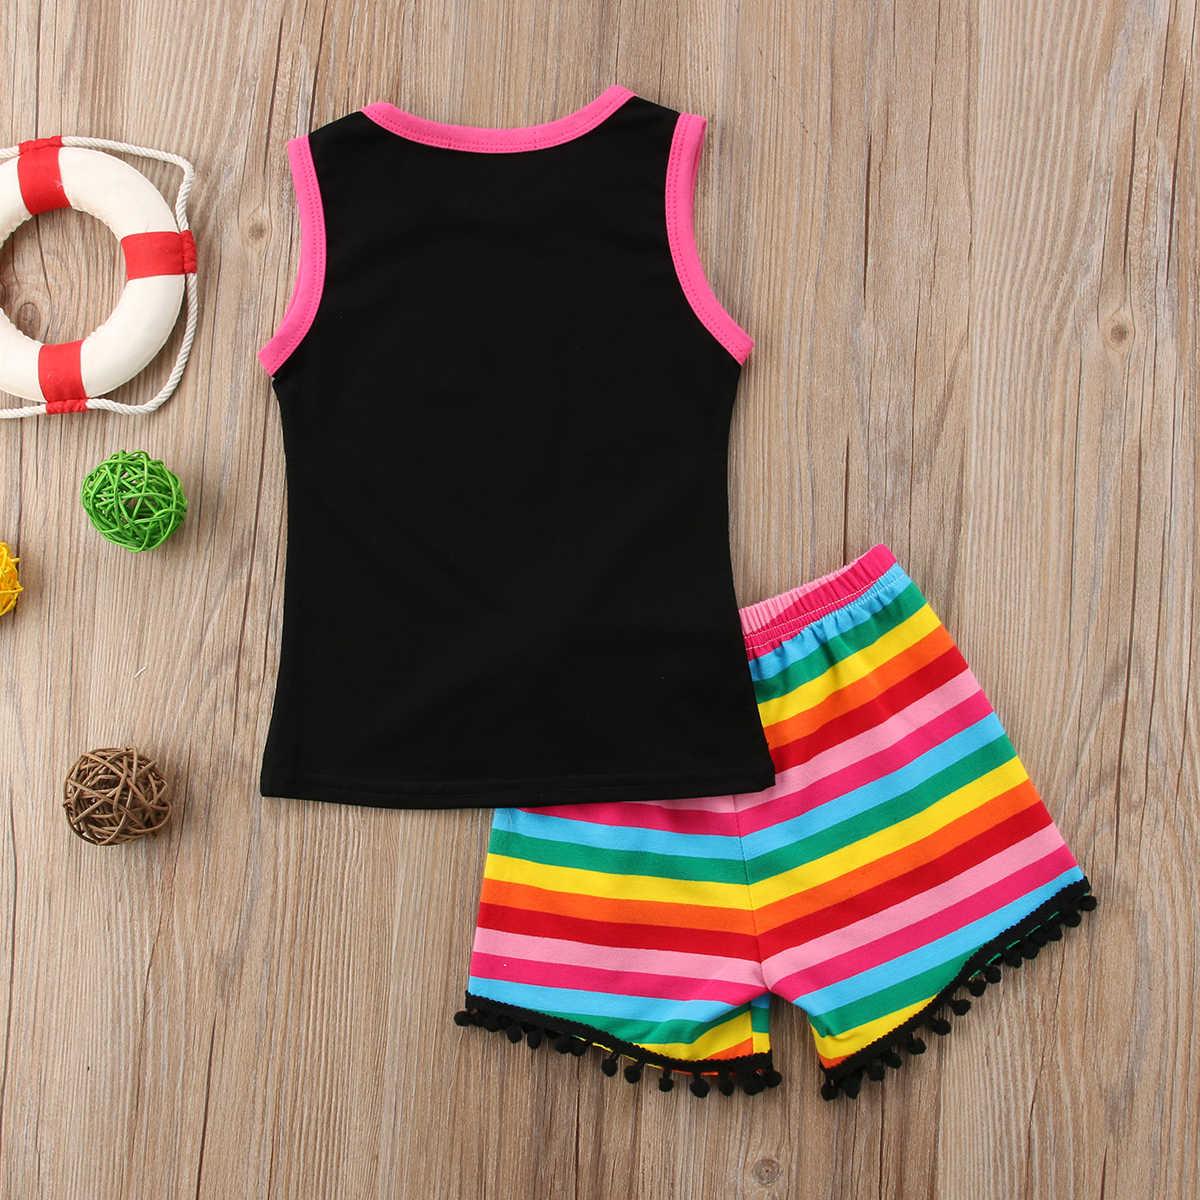 Новинка 2019 года; топы с цветочным рисунком для новорожденных девочек; футболка и штаны; шорты; летняя одежда; комплект одежды; модный тренд; милый дропшиппинг